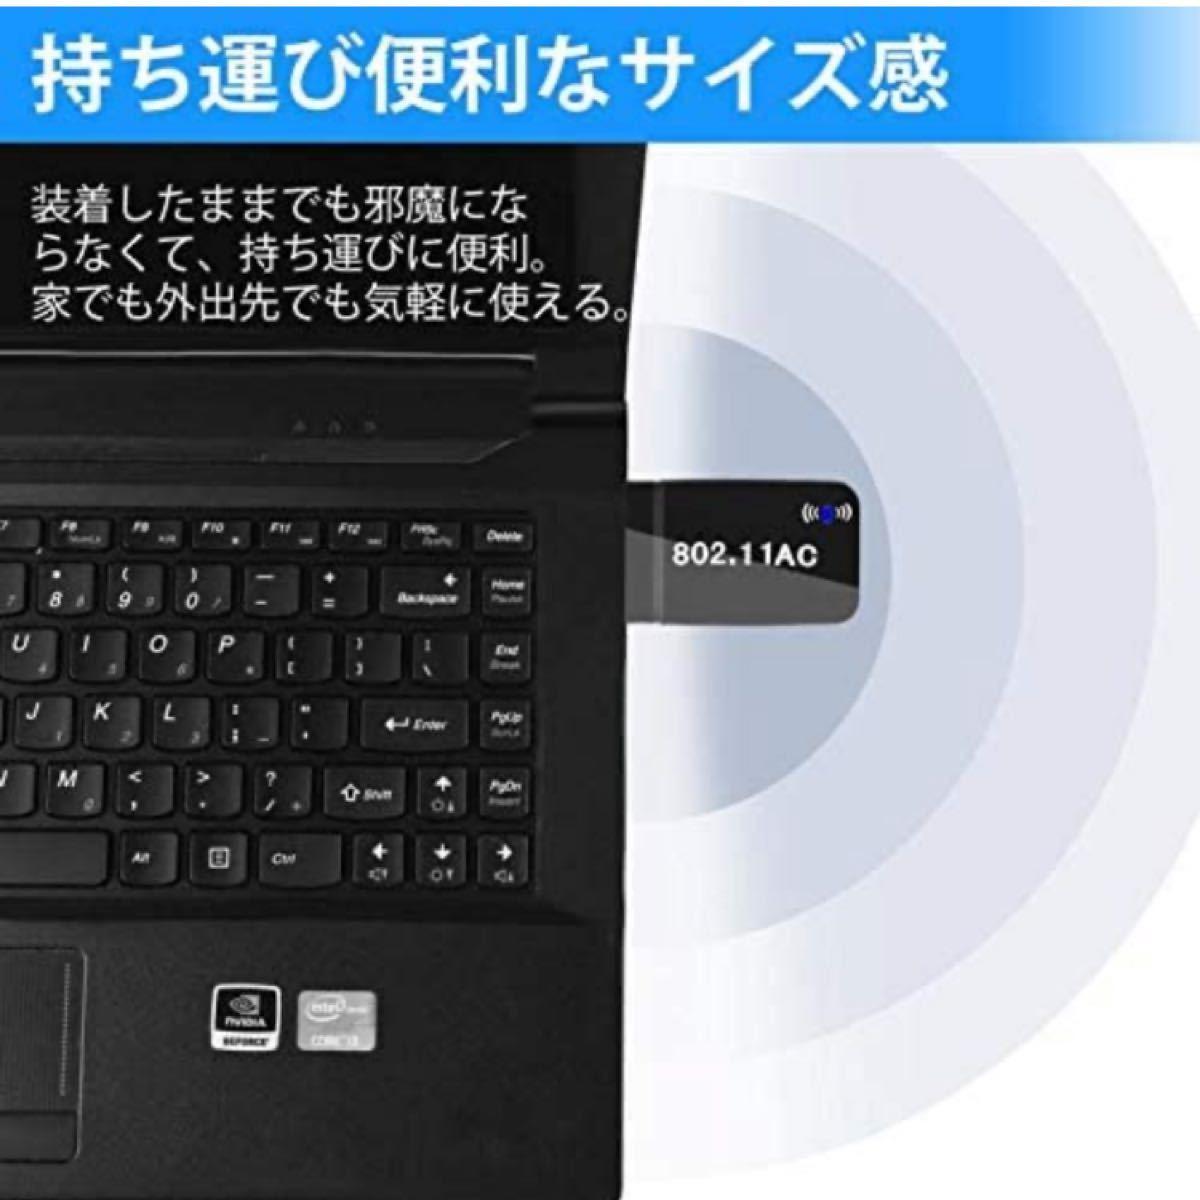 WiFi 無線LAN 超小型 USB3.0 1200Mbps 高速度 デュアル